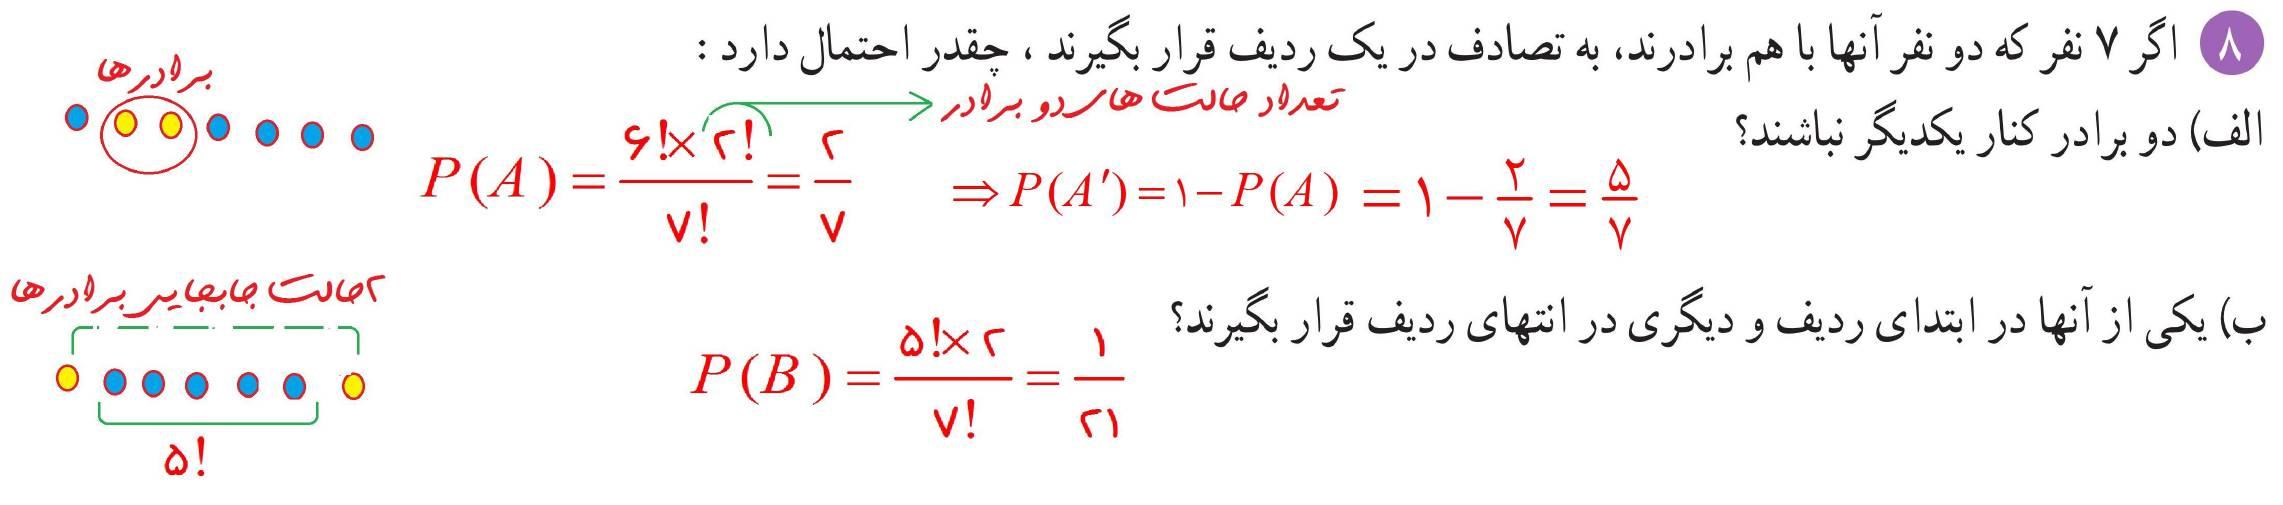 حل تمرین فصل هفتم ریاضی دهم